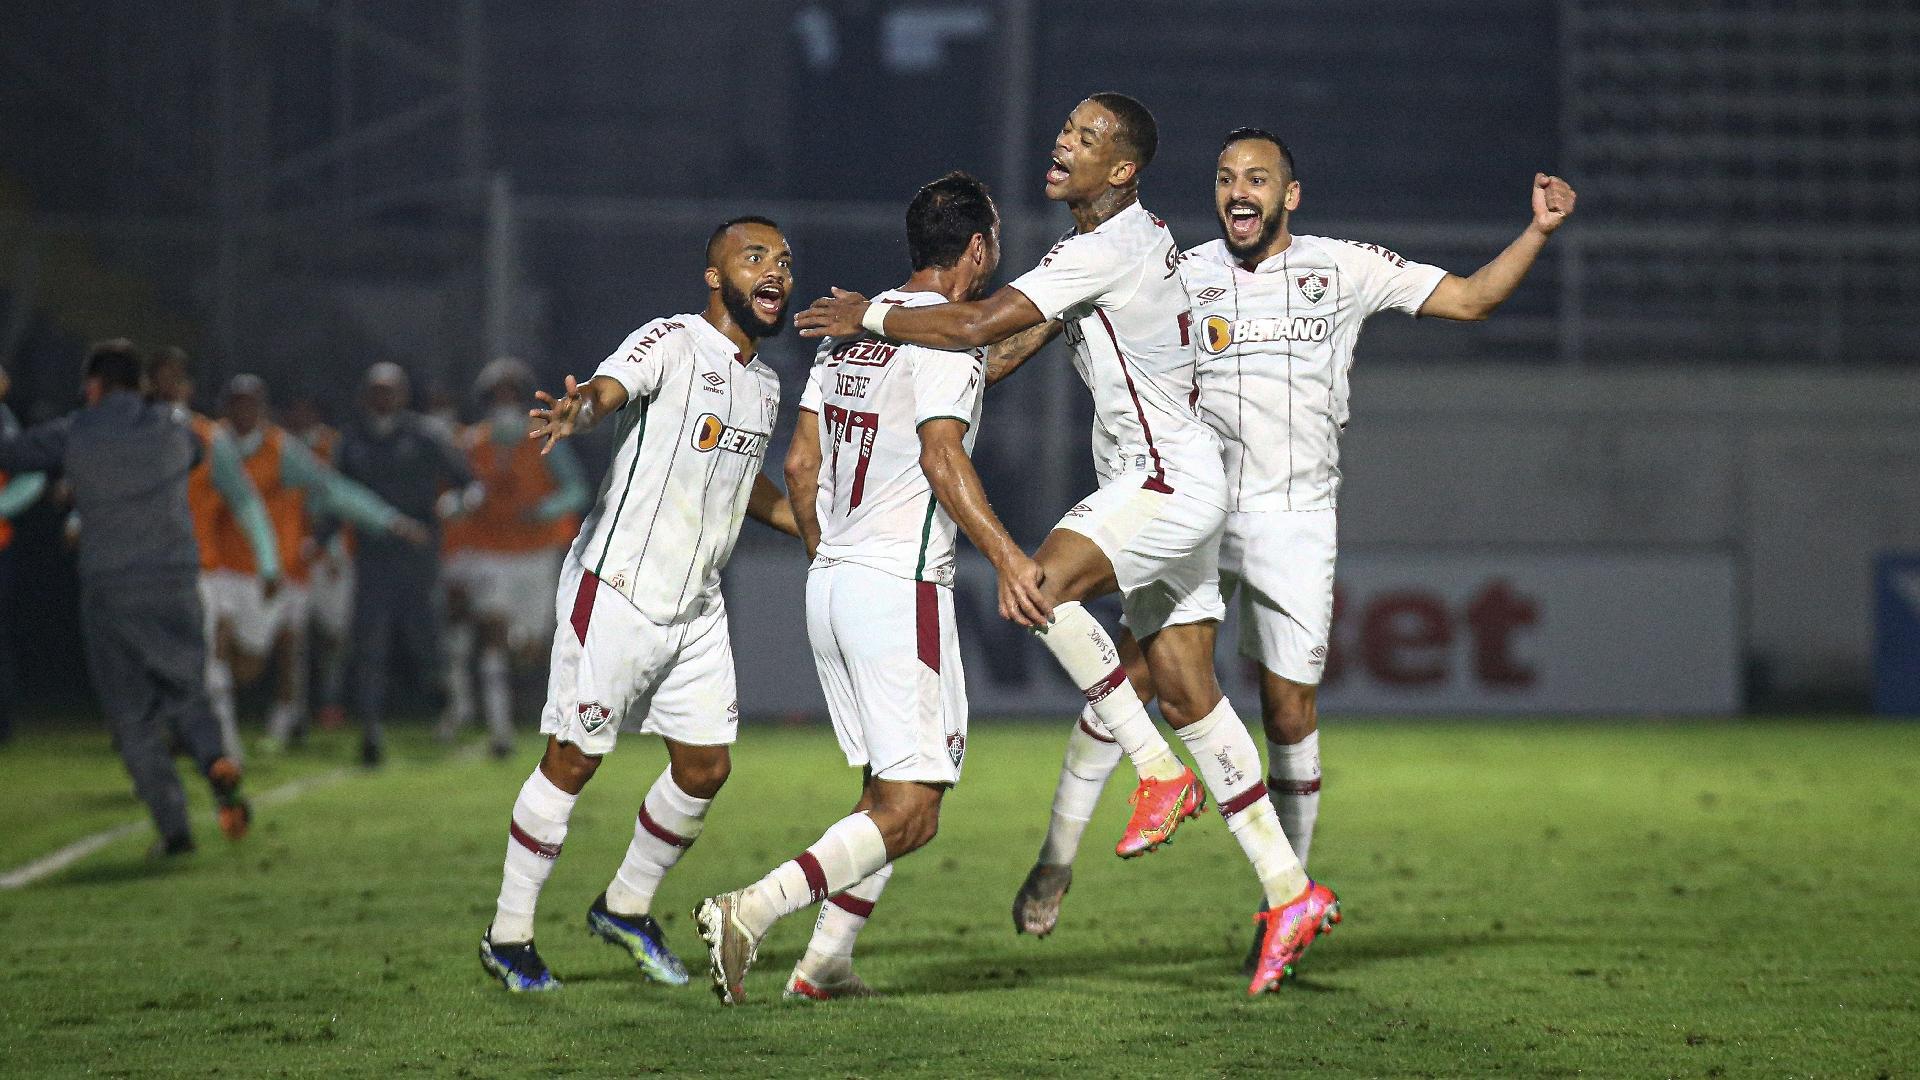 Jogadores do Fluminense gol sobre o Redbull Bragantino, em Bragança Paulista, pela 3ª fase da Copa do Brasil 2021, jogo da volta